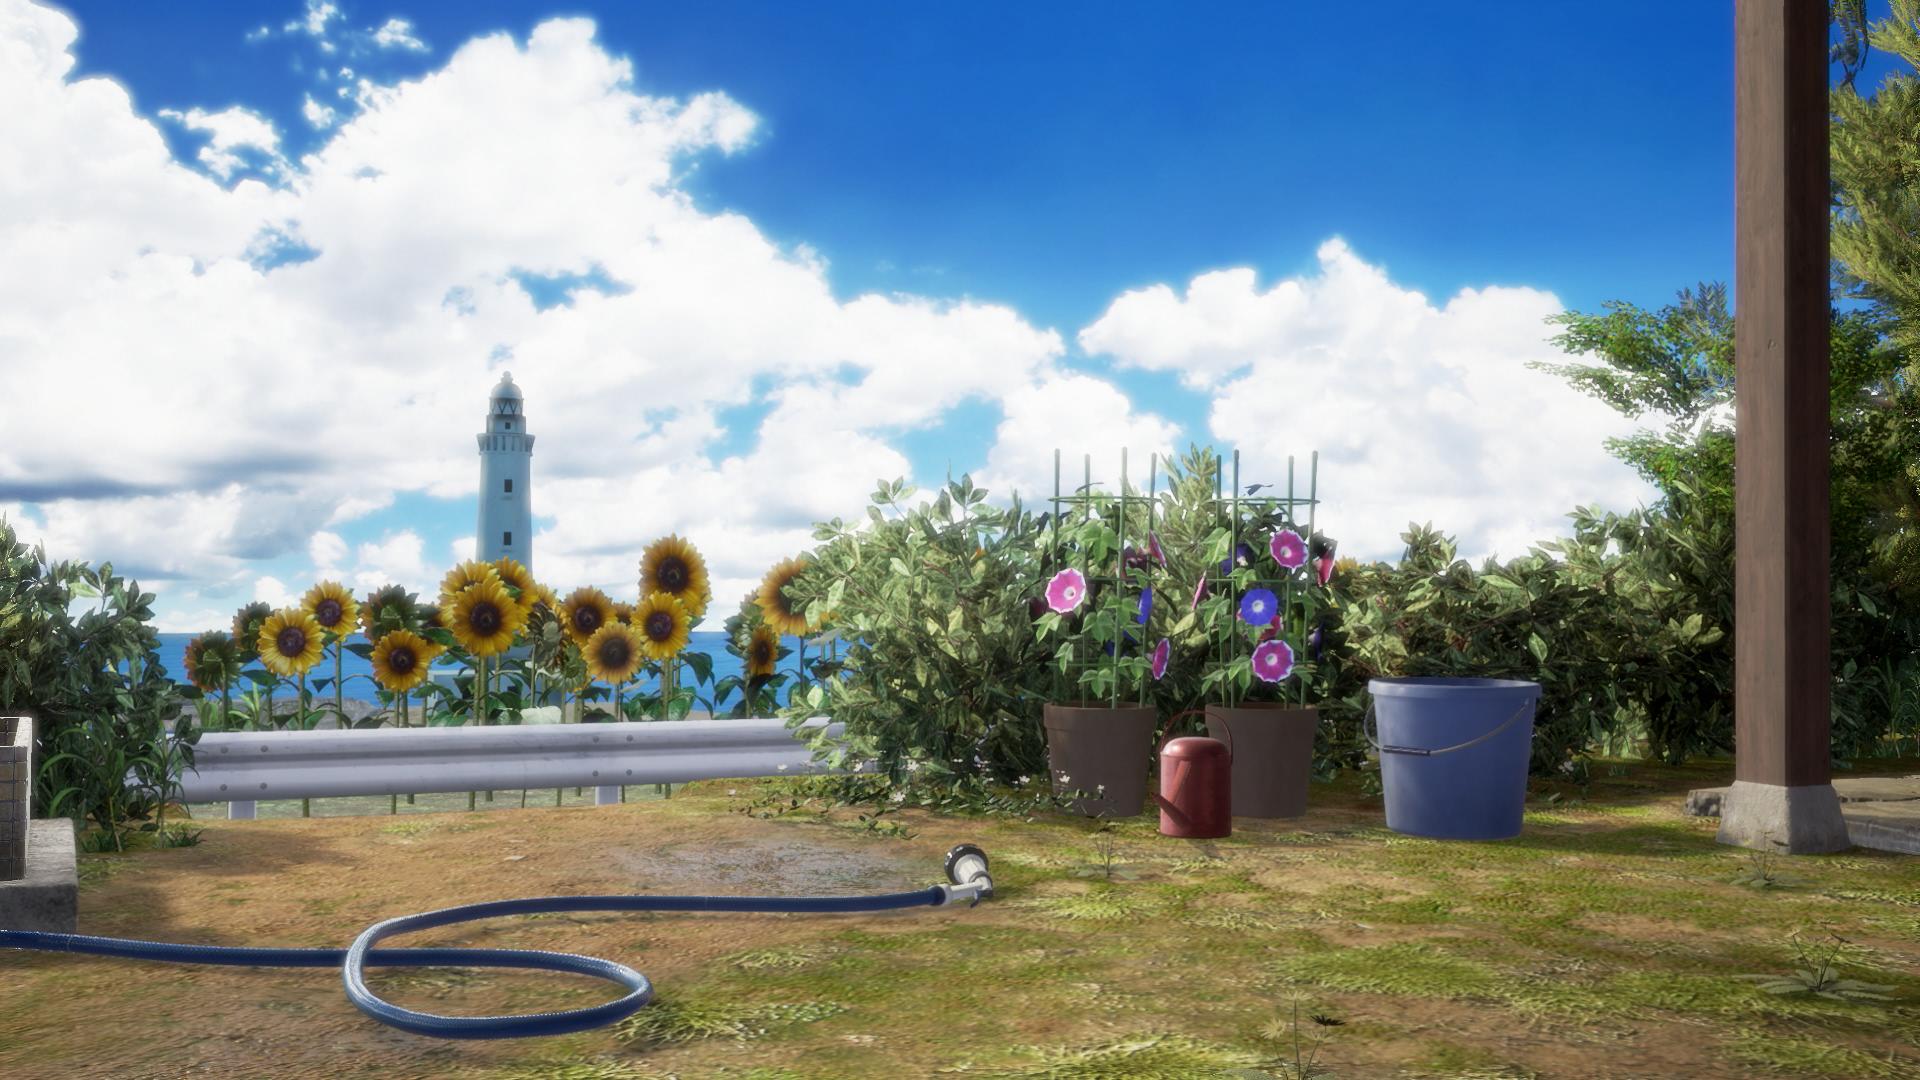 『サマーレッスン:アリソン・スノウ 七日間の庭(基本ゲームパック)』ゲーム画面